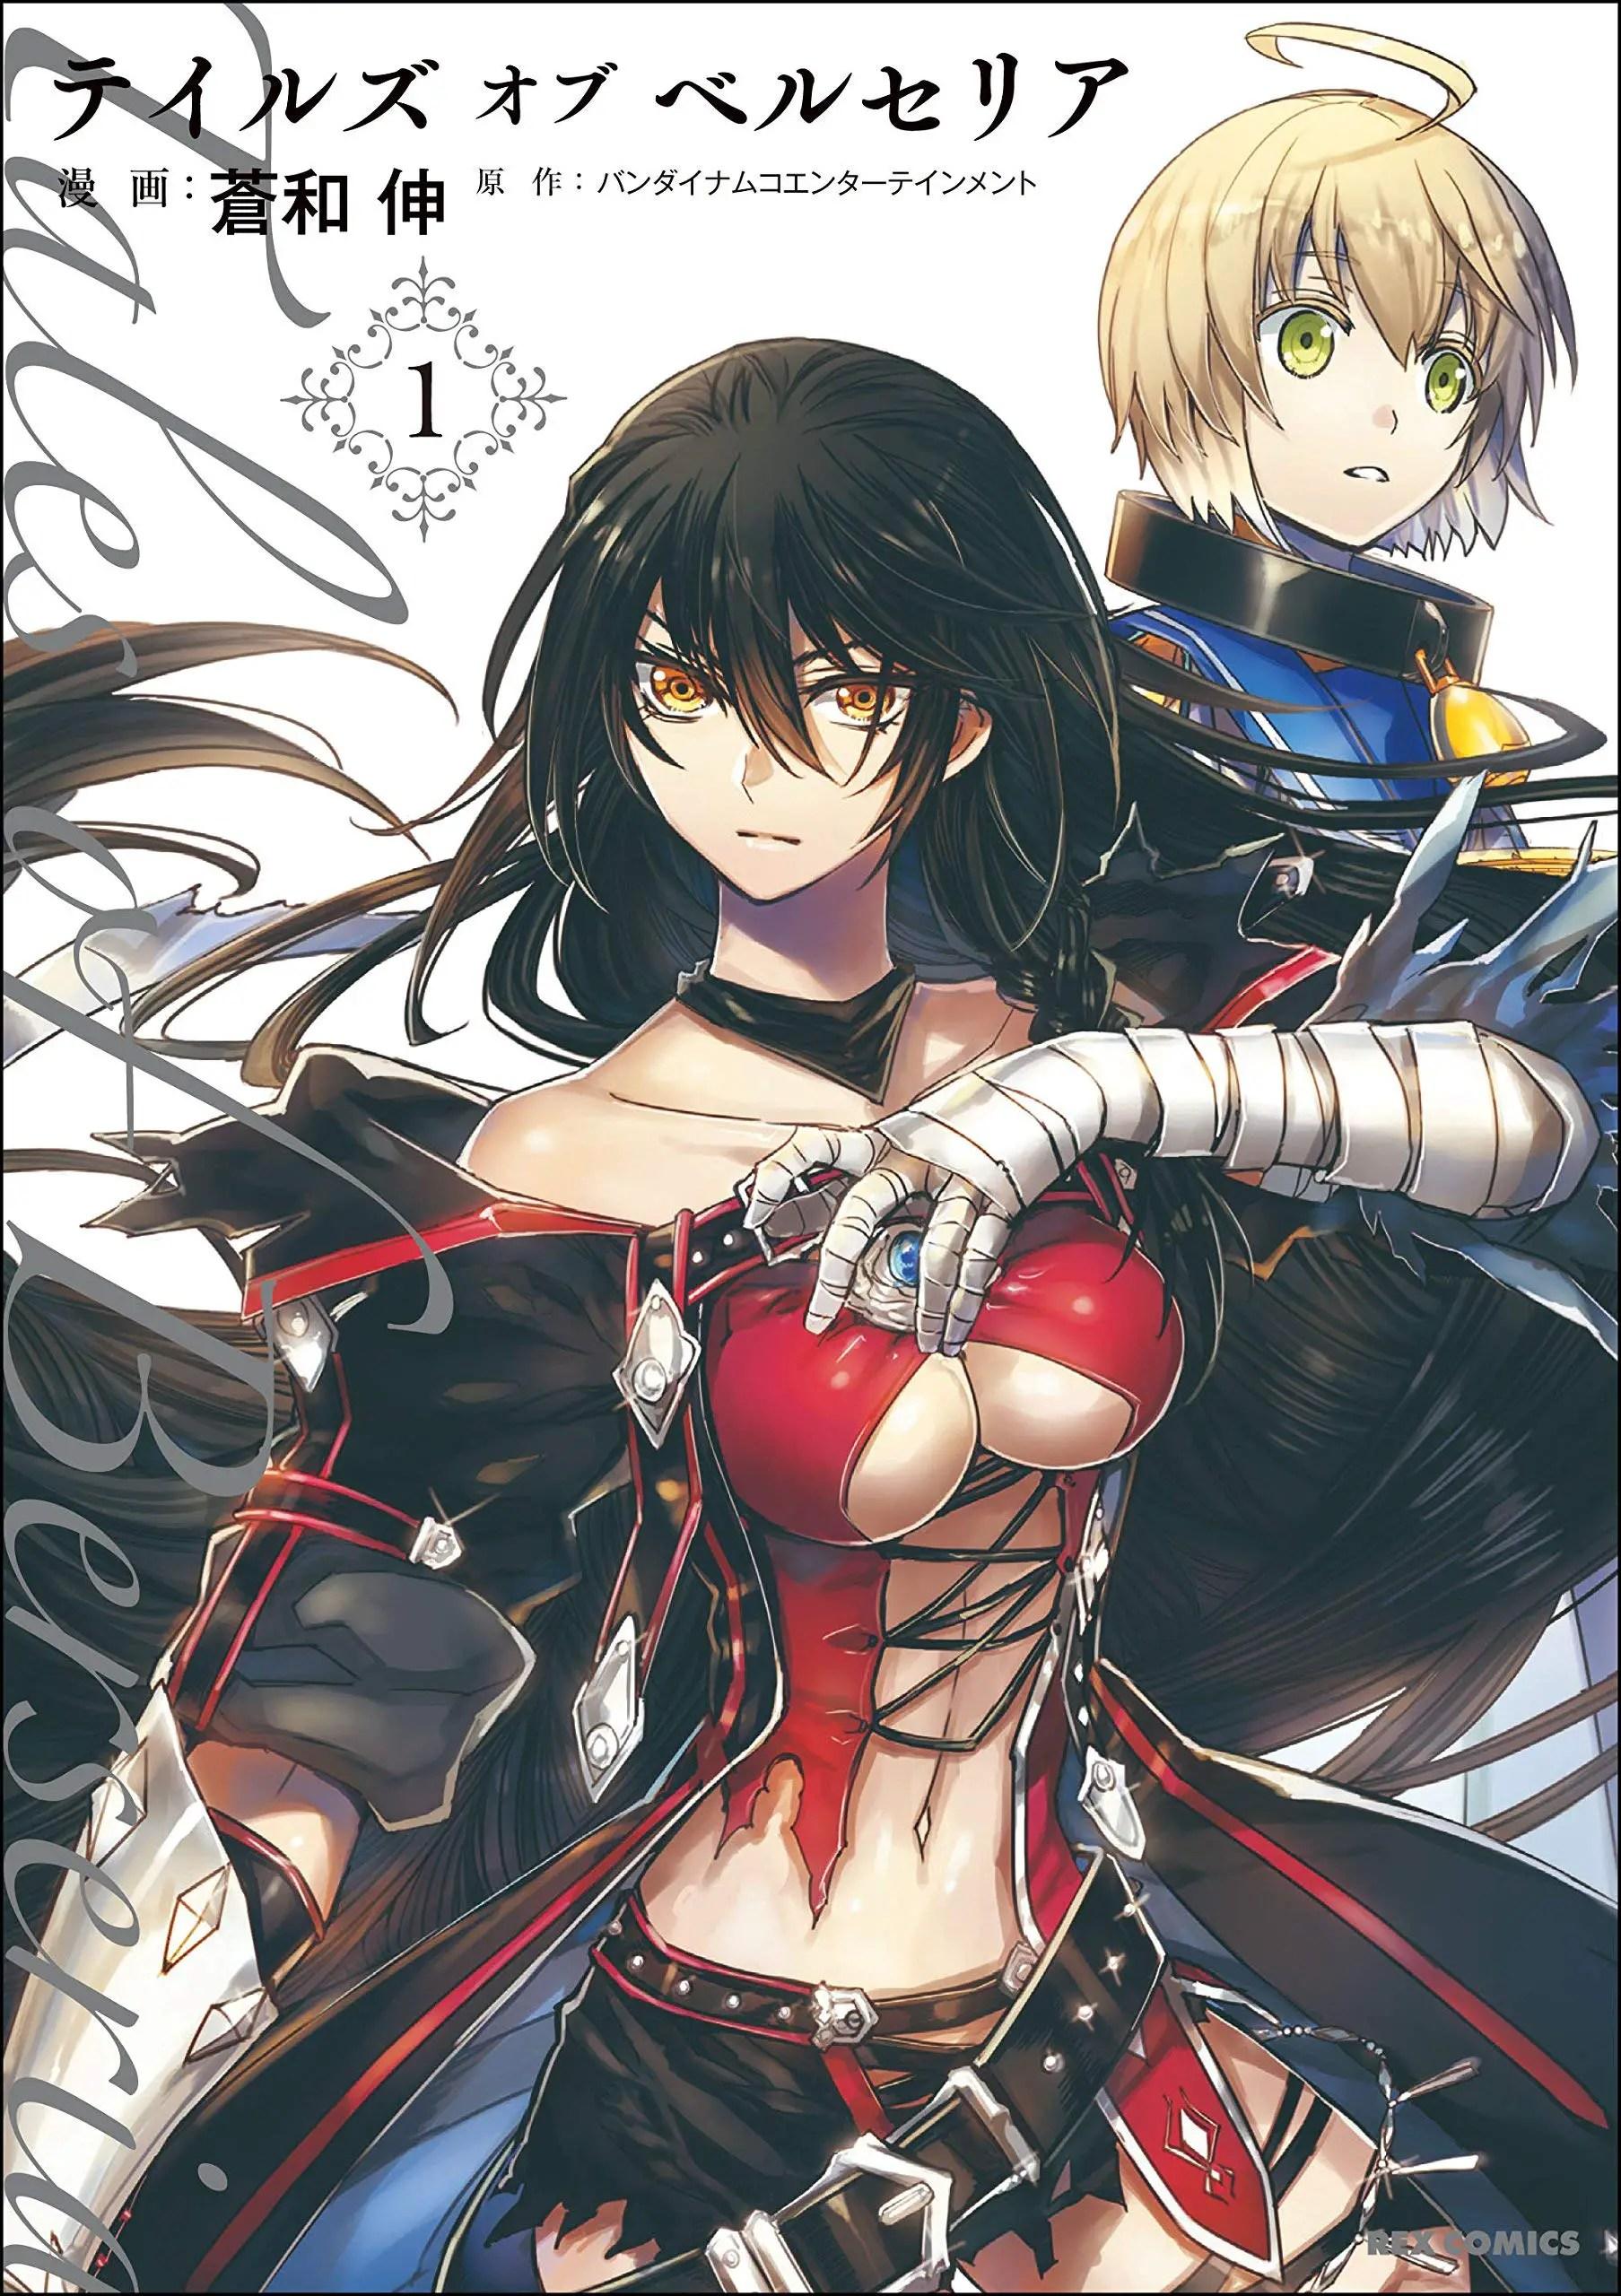 Tales of Berseria Vol. 1 Review